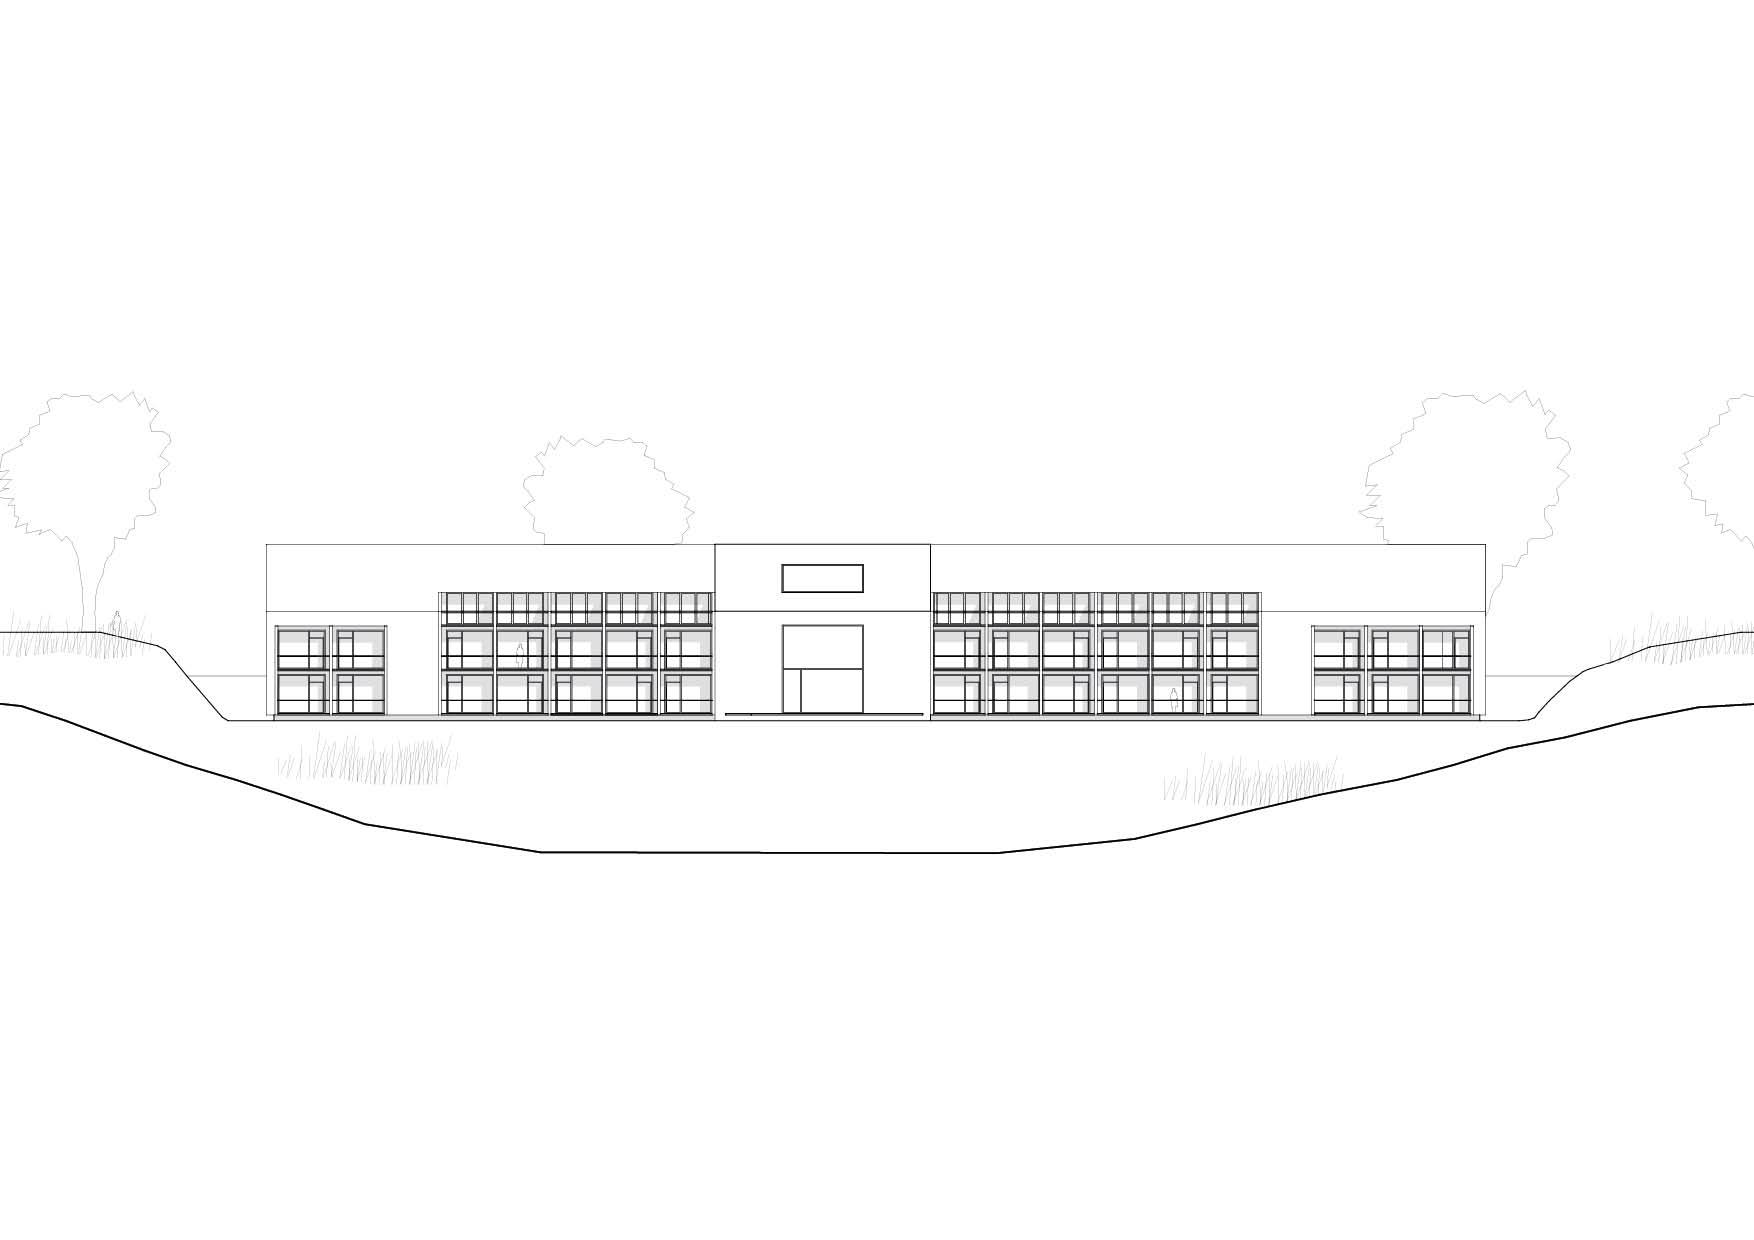 KUBIK Architektur - Studio für Architektur Berlin - architecture - Projekt - Hotel - Ansicht